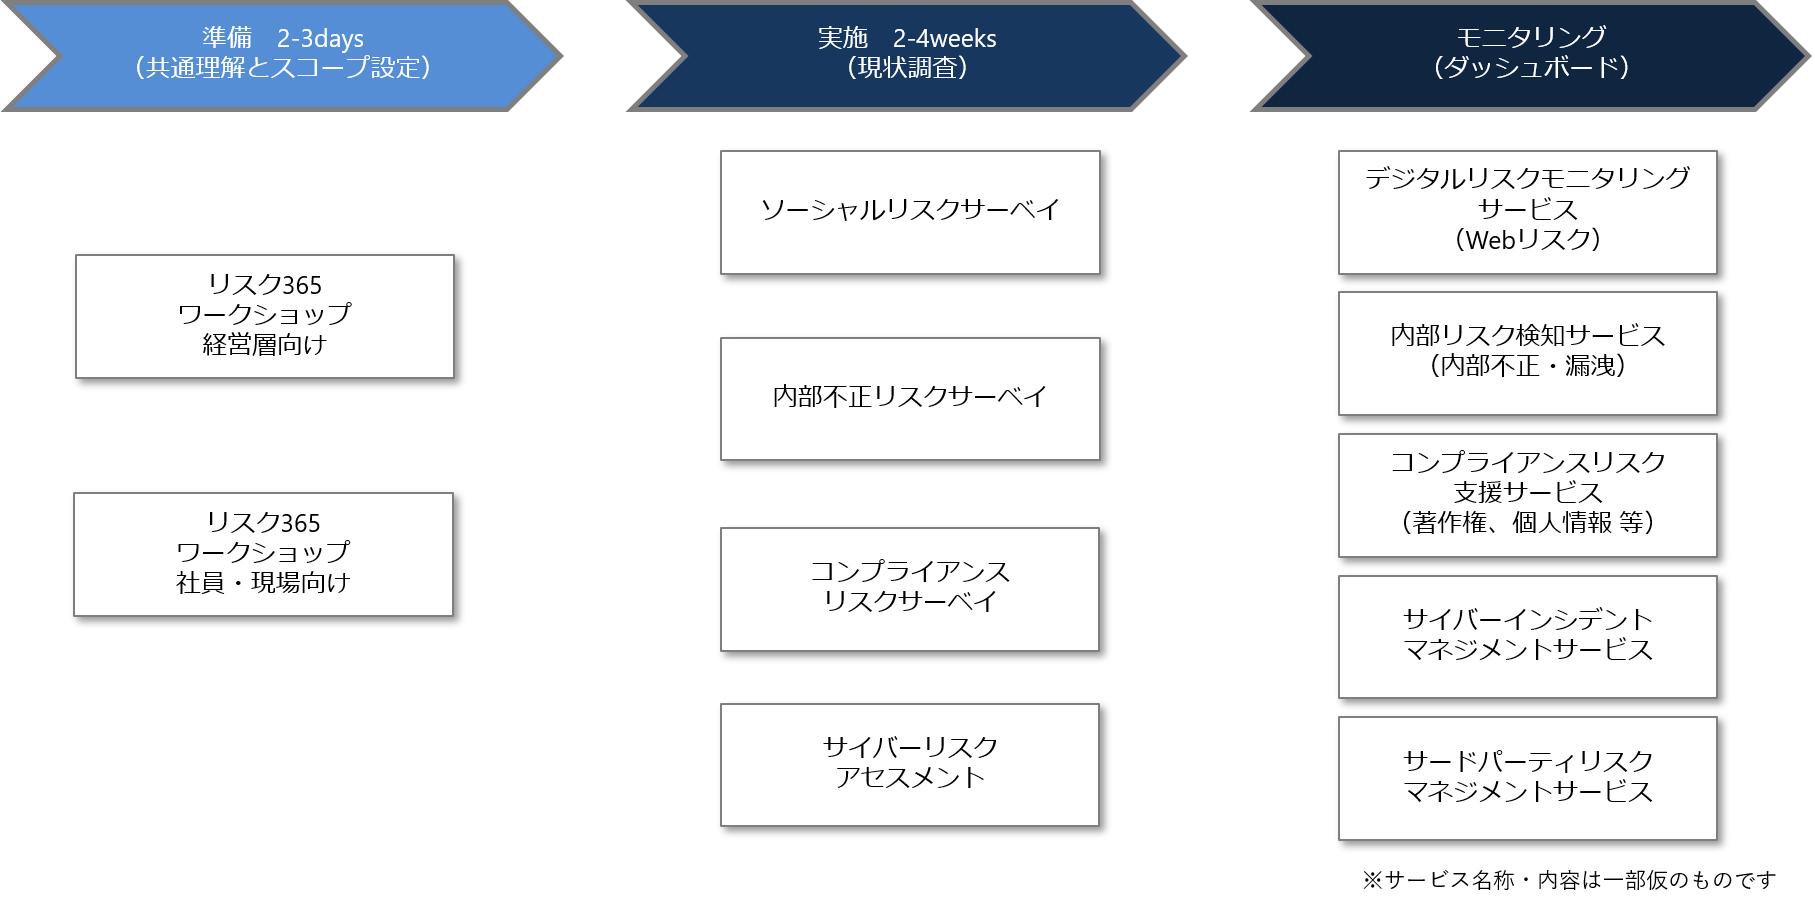 デジタルリスク365サービス概要図